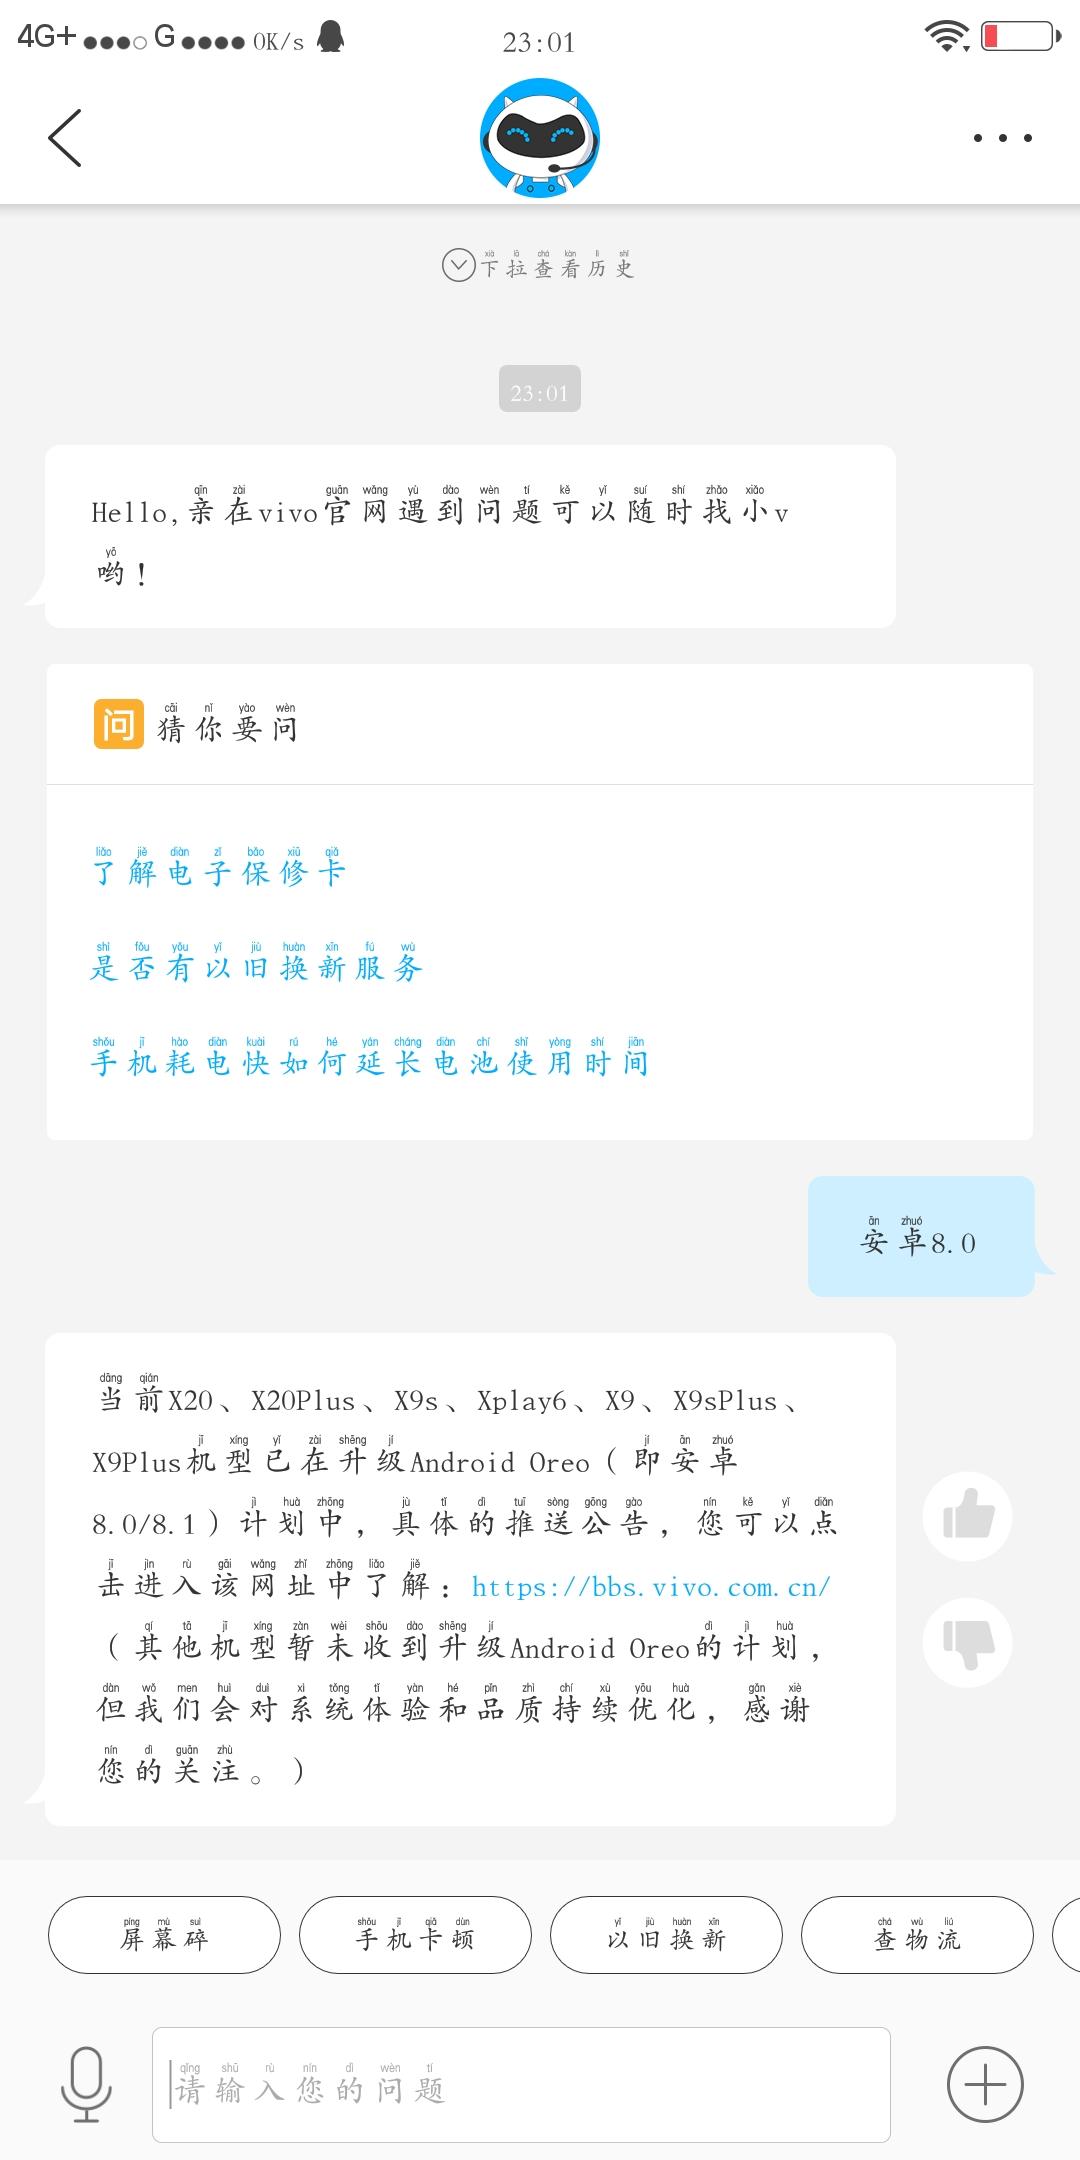 Screenshot_20180214_230152.jpg